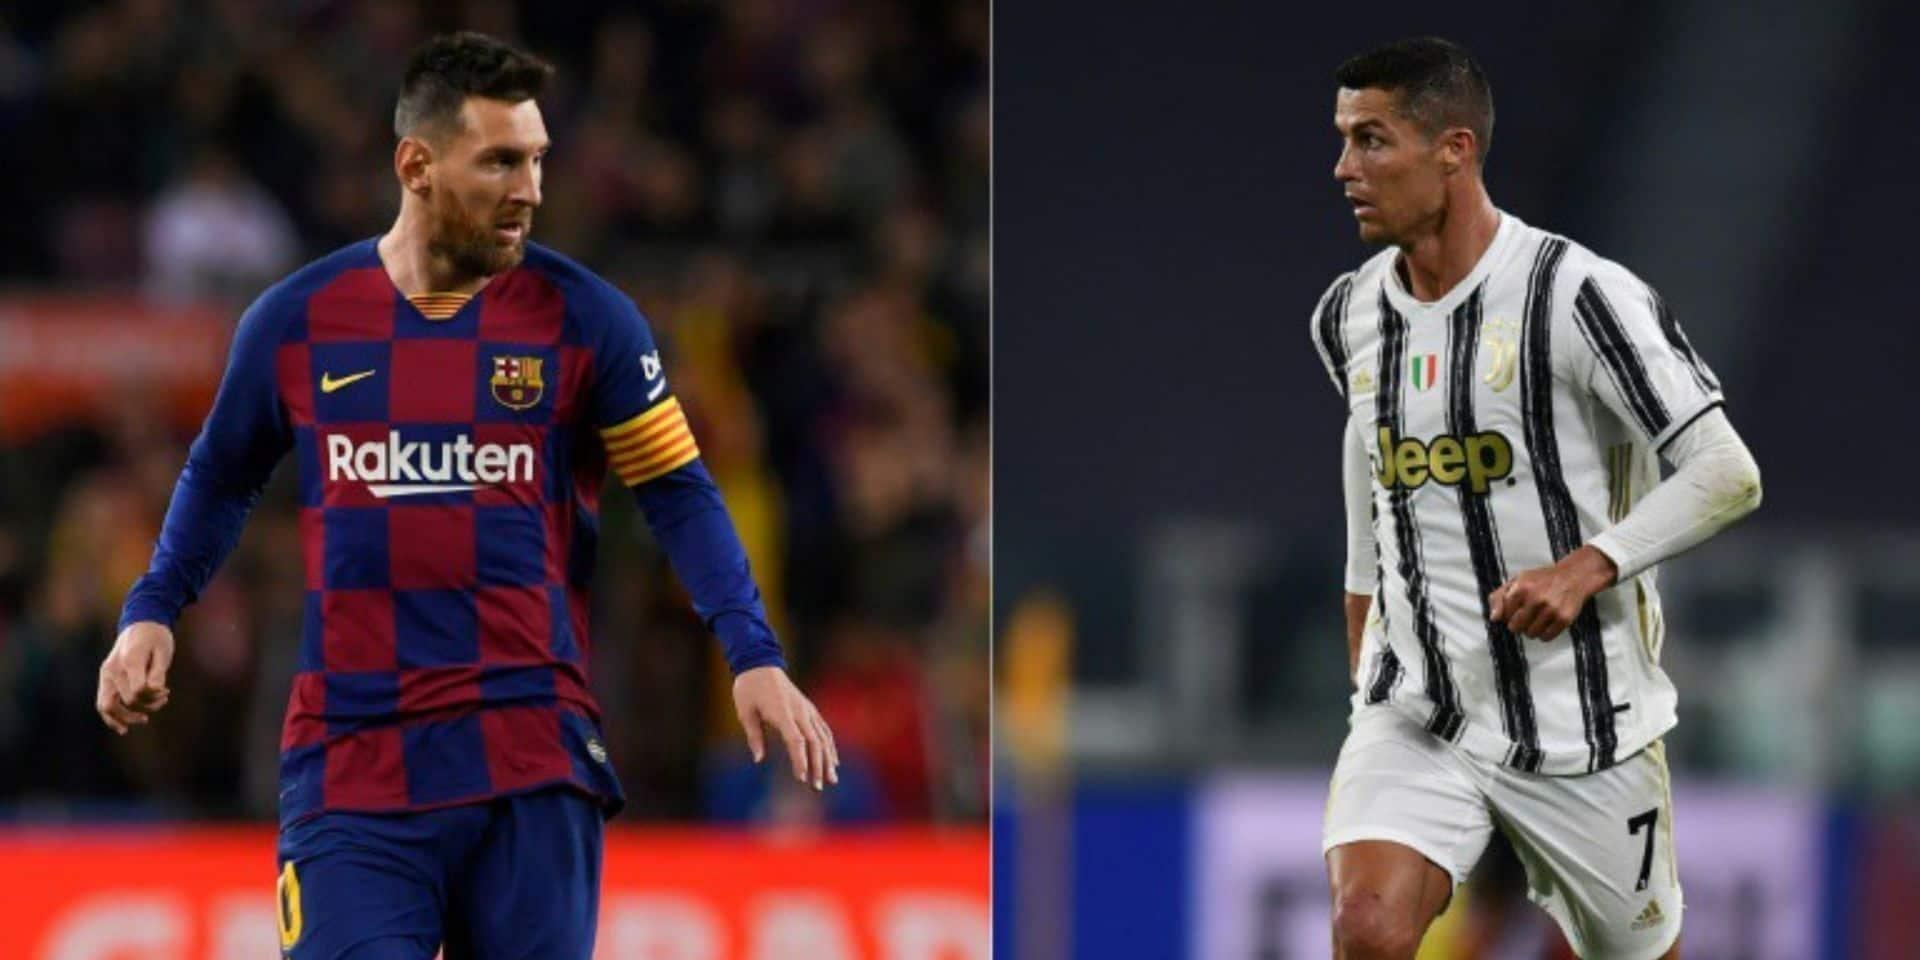 Enfin les retrouvailles entre Messi et Ronaldo ?